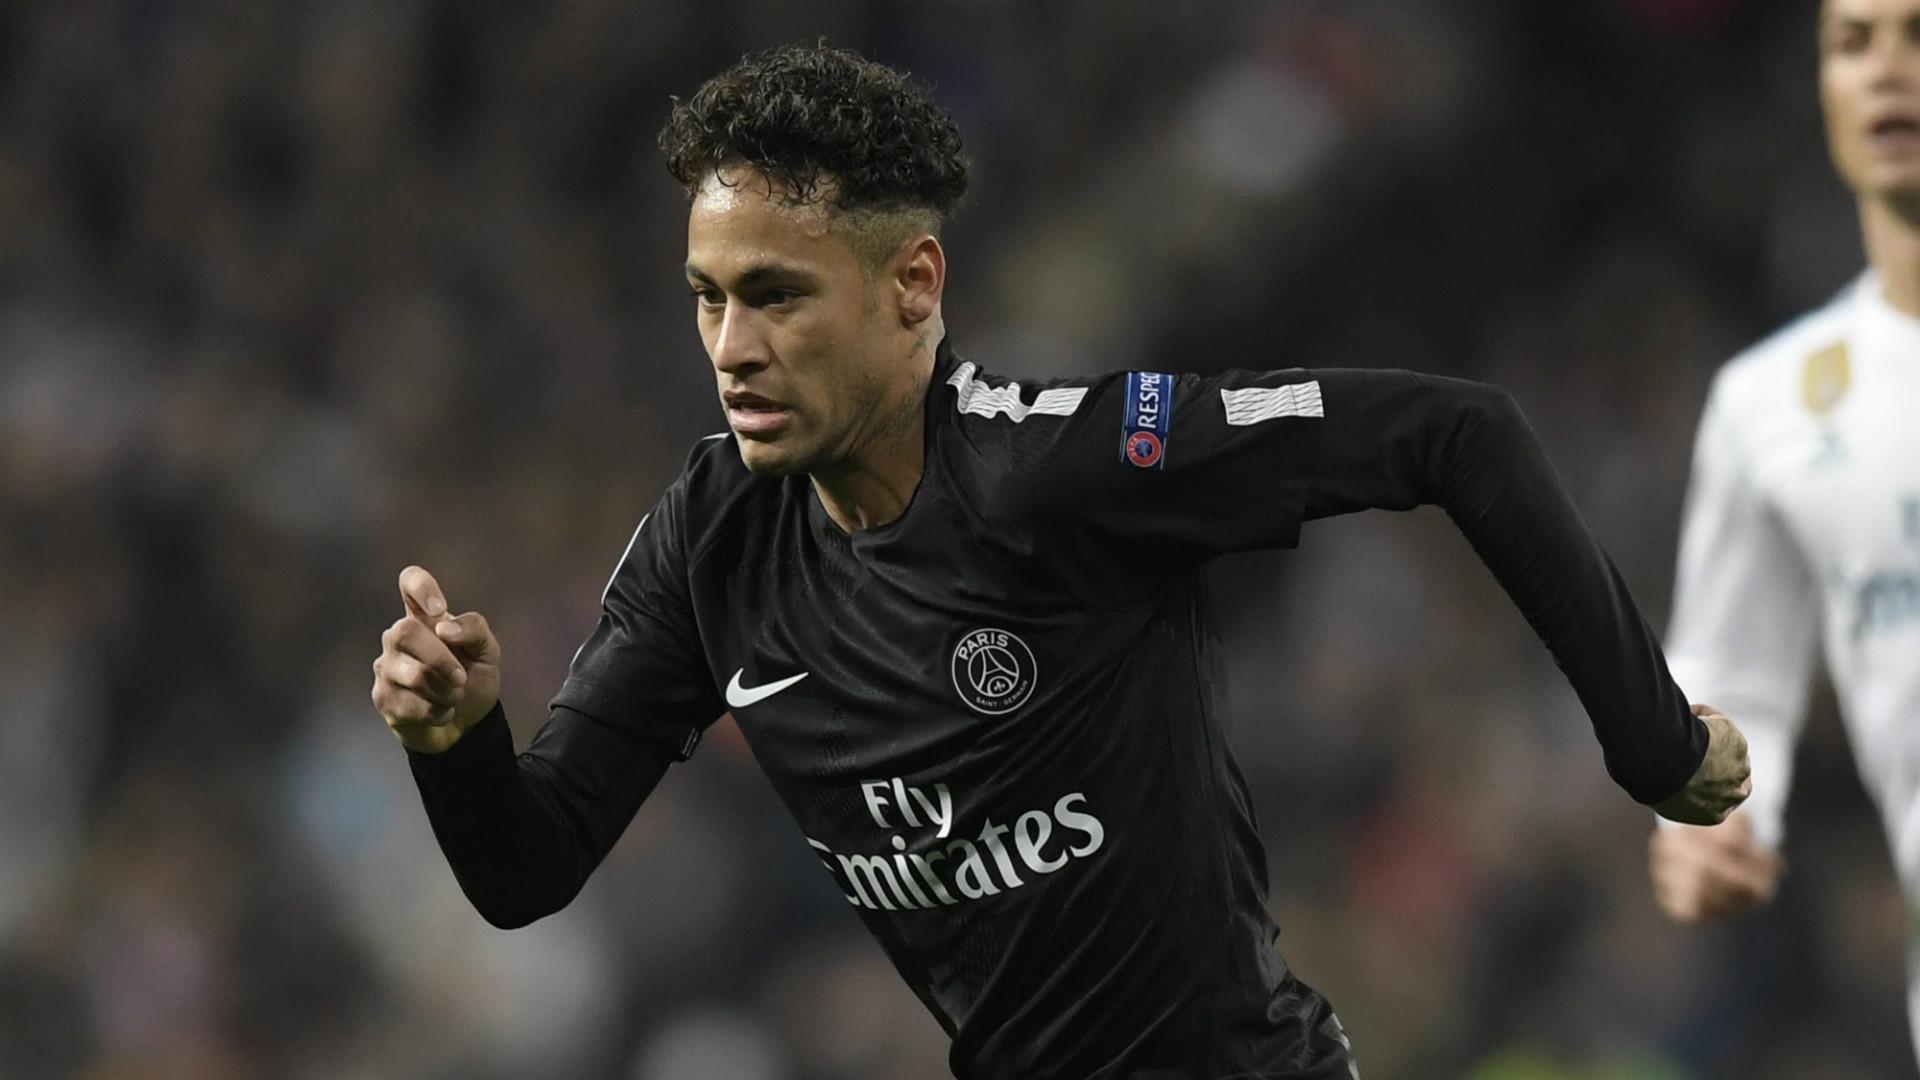 PSG vô địch, Neymar chẳng buồn chúc mừng lấy 1 lời - Bóng Đá